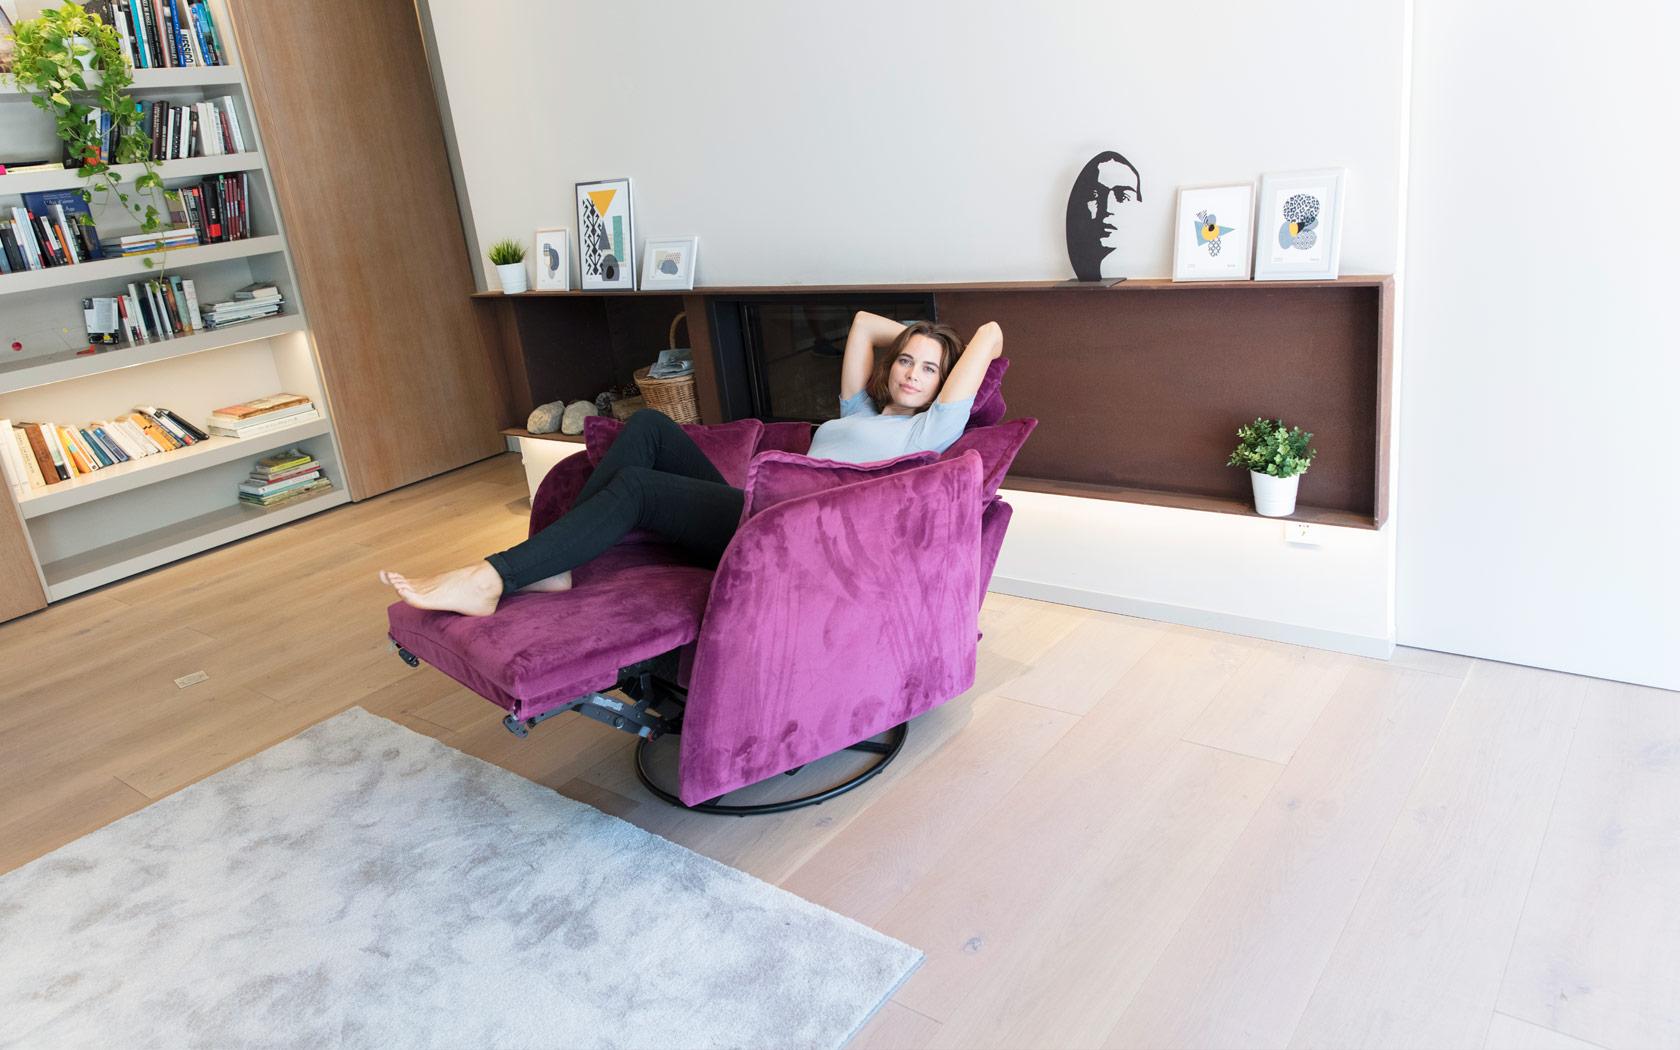 Nadia sillón relax 2020 05